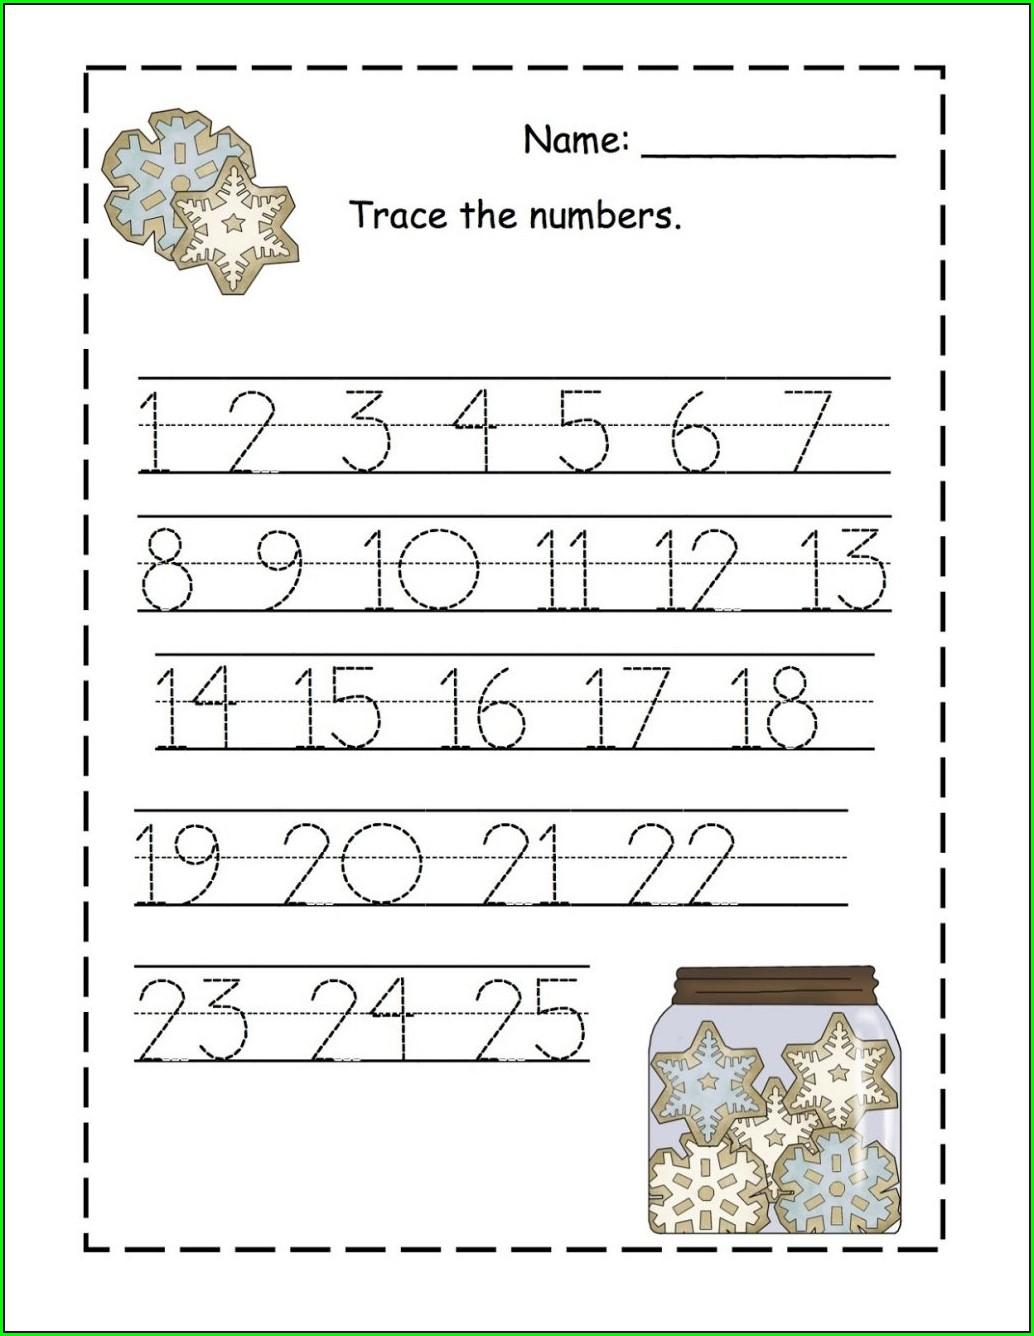 Printable Writing Worksheet For Preschool